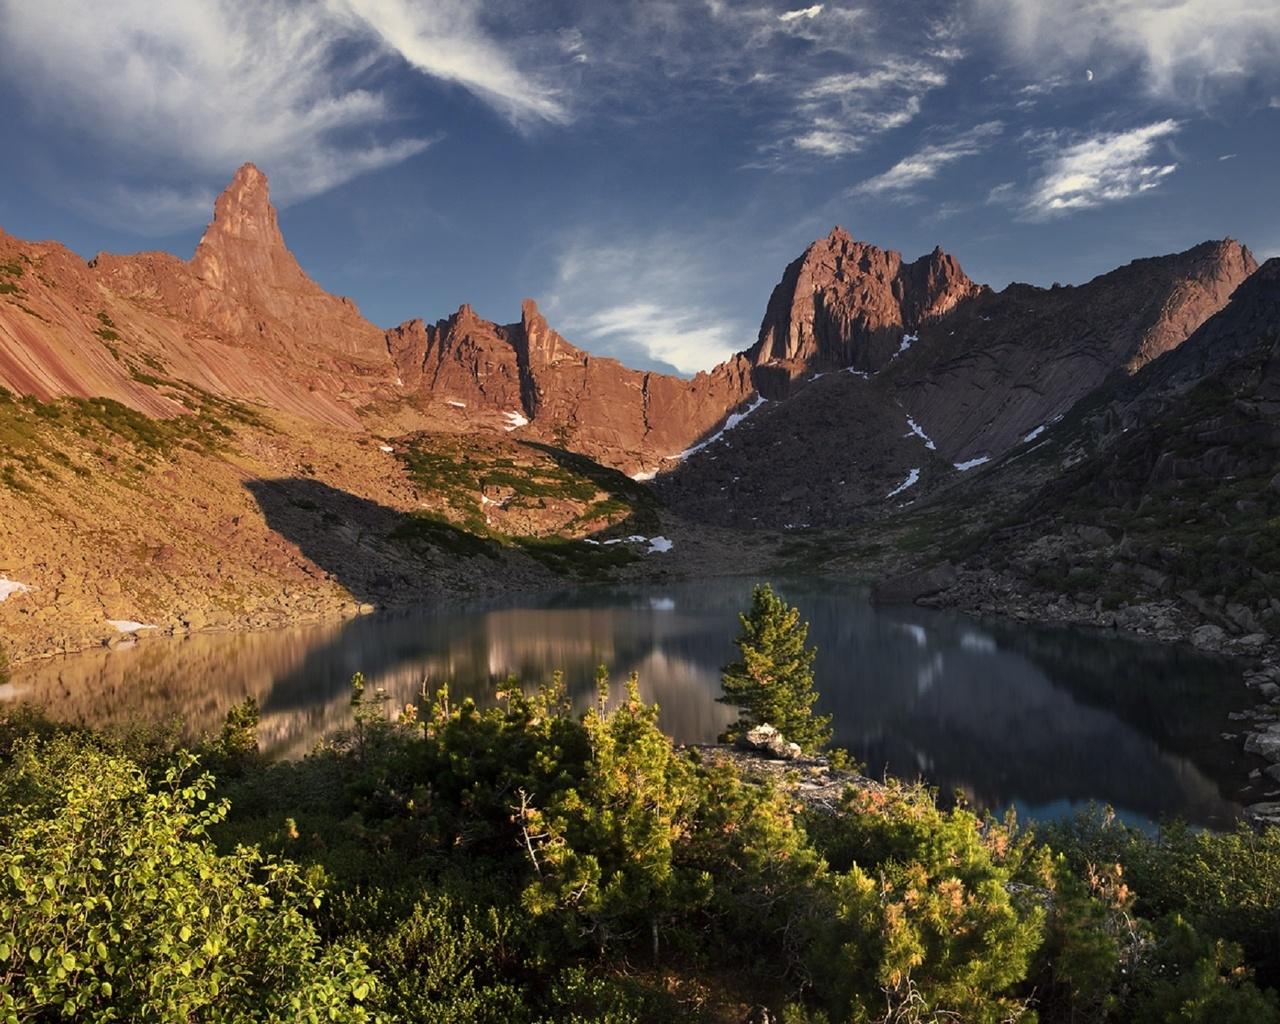 озеро горных духов, хребет ергаки, западные саяны, красноярский край, by дмитрий антипов